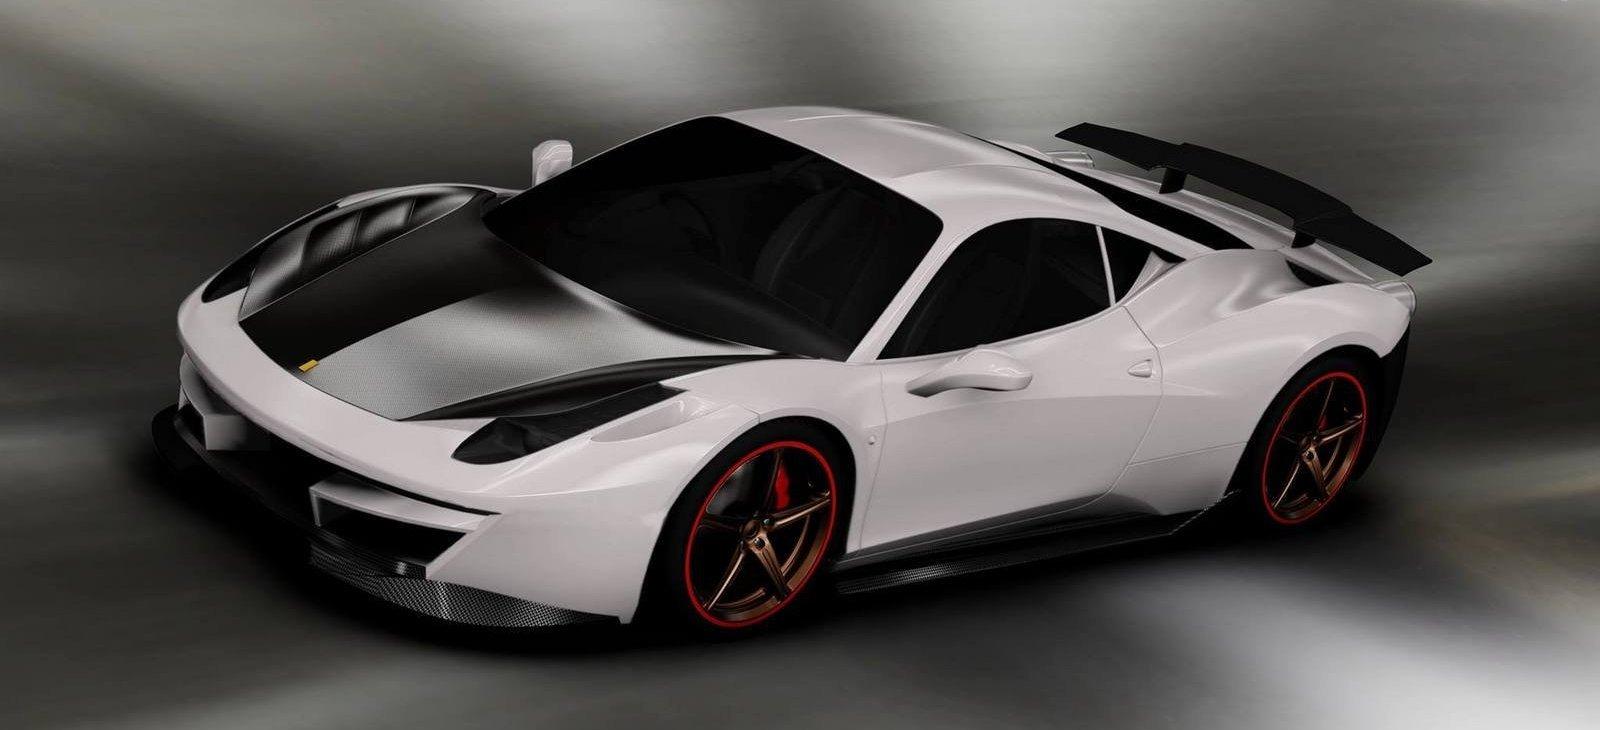 Marvelous 2014 Ferrari 458